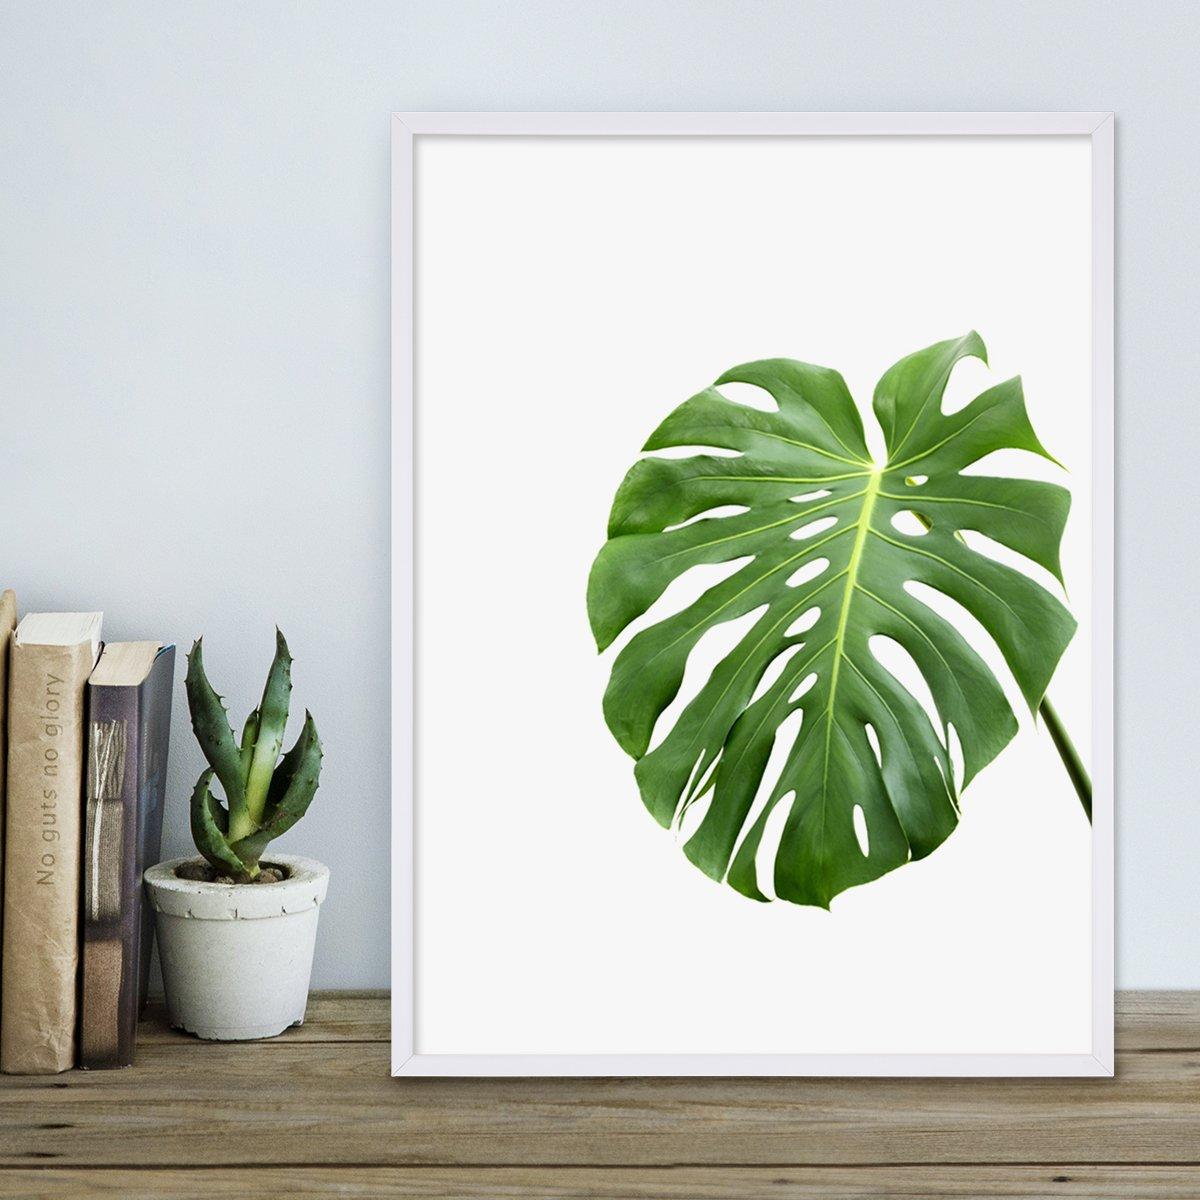 Attraktiv Wunderbar Pflanzen Bilderrahmen Fotos   Rahmen Ideen .